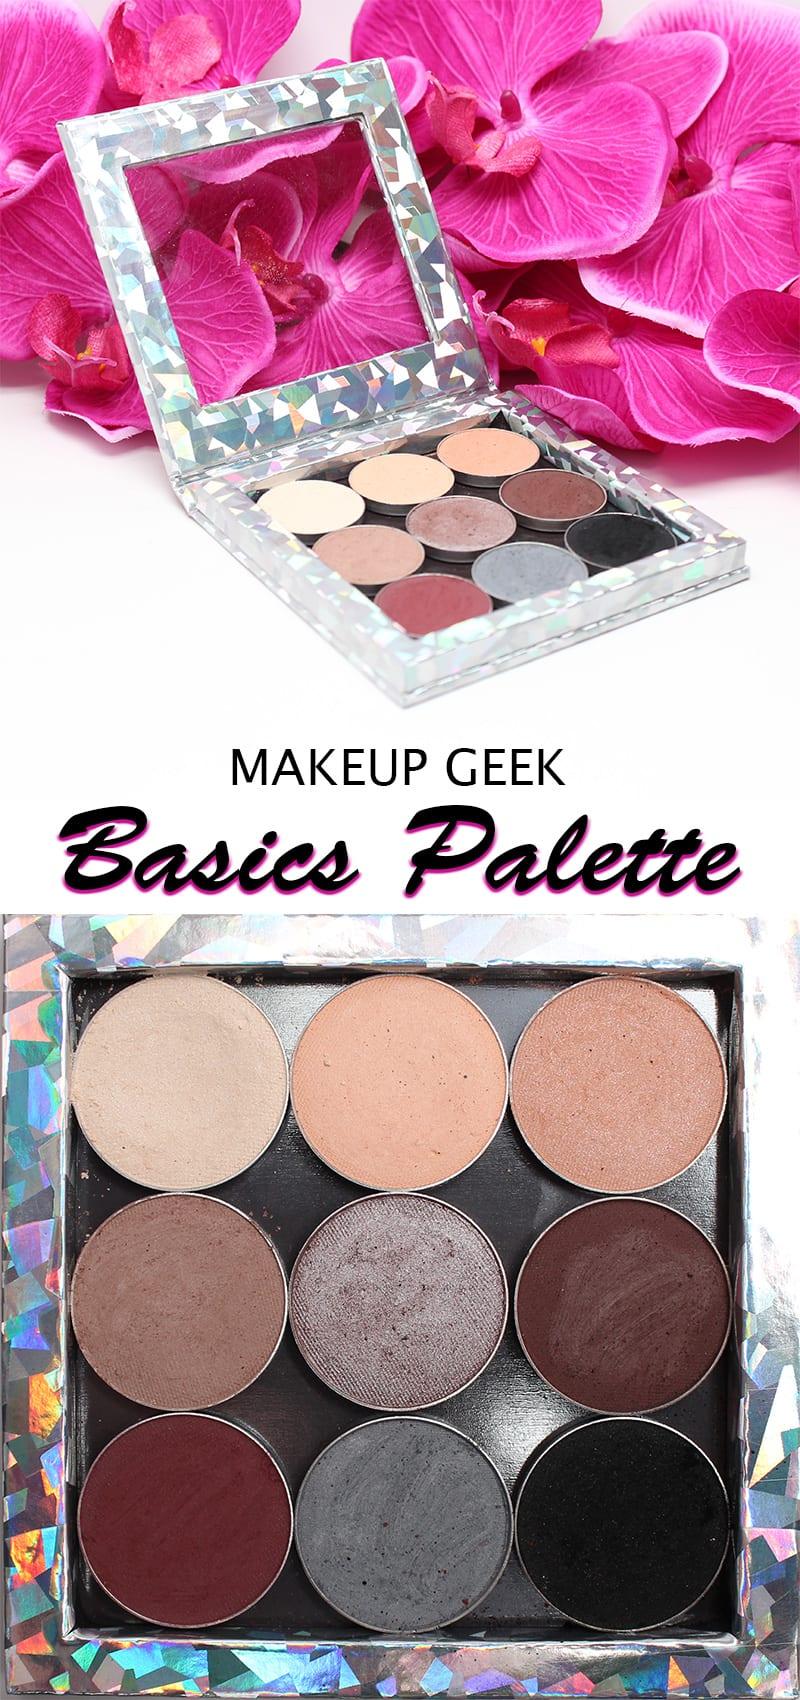 Geek makeup